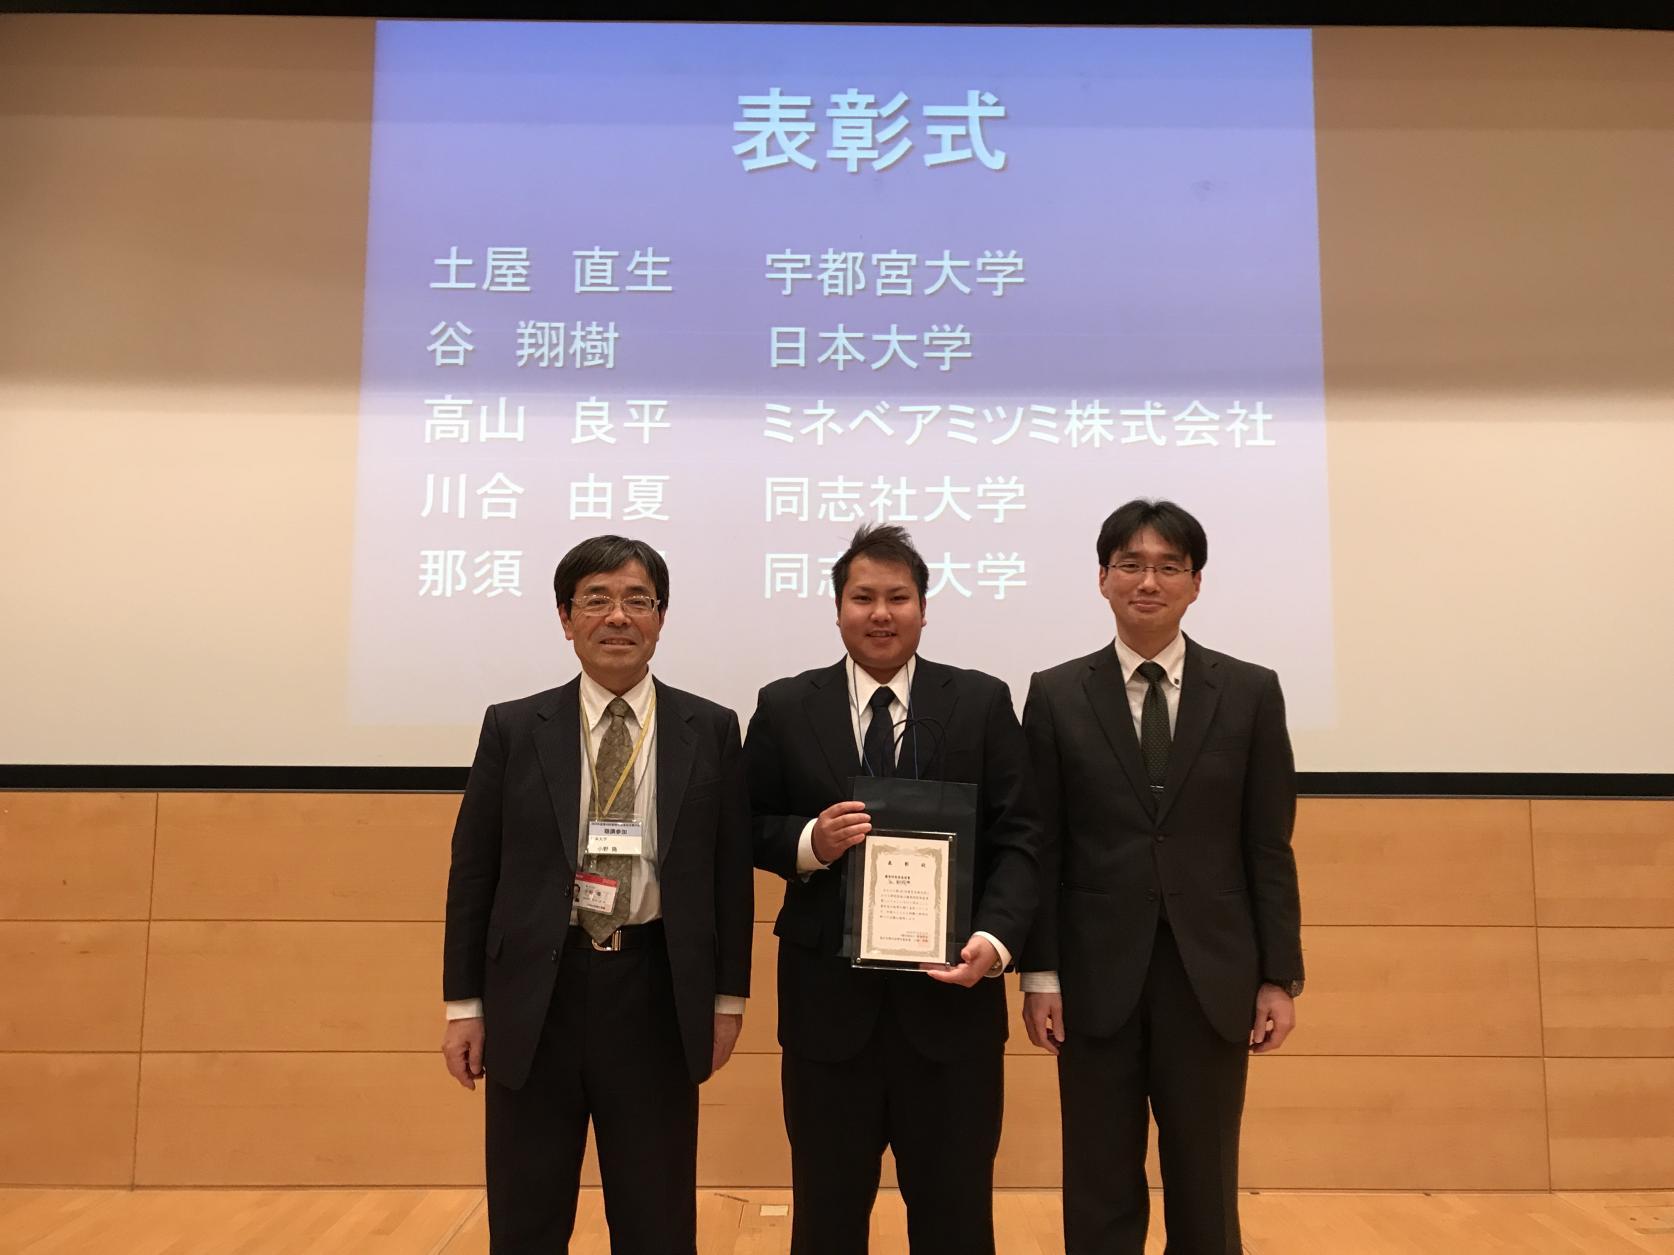 電気工学専攻の谷翔樹さんが「第40回照明学会東京支部大会」において、優秀研究発表者賞を受賞しました。